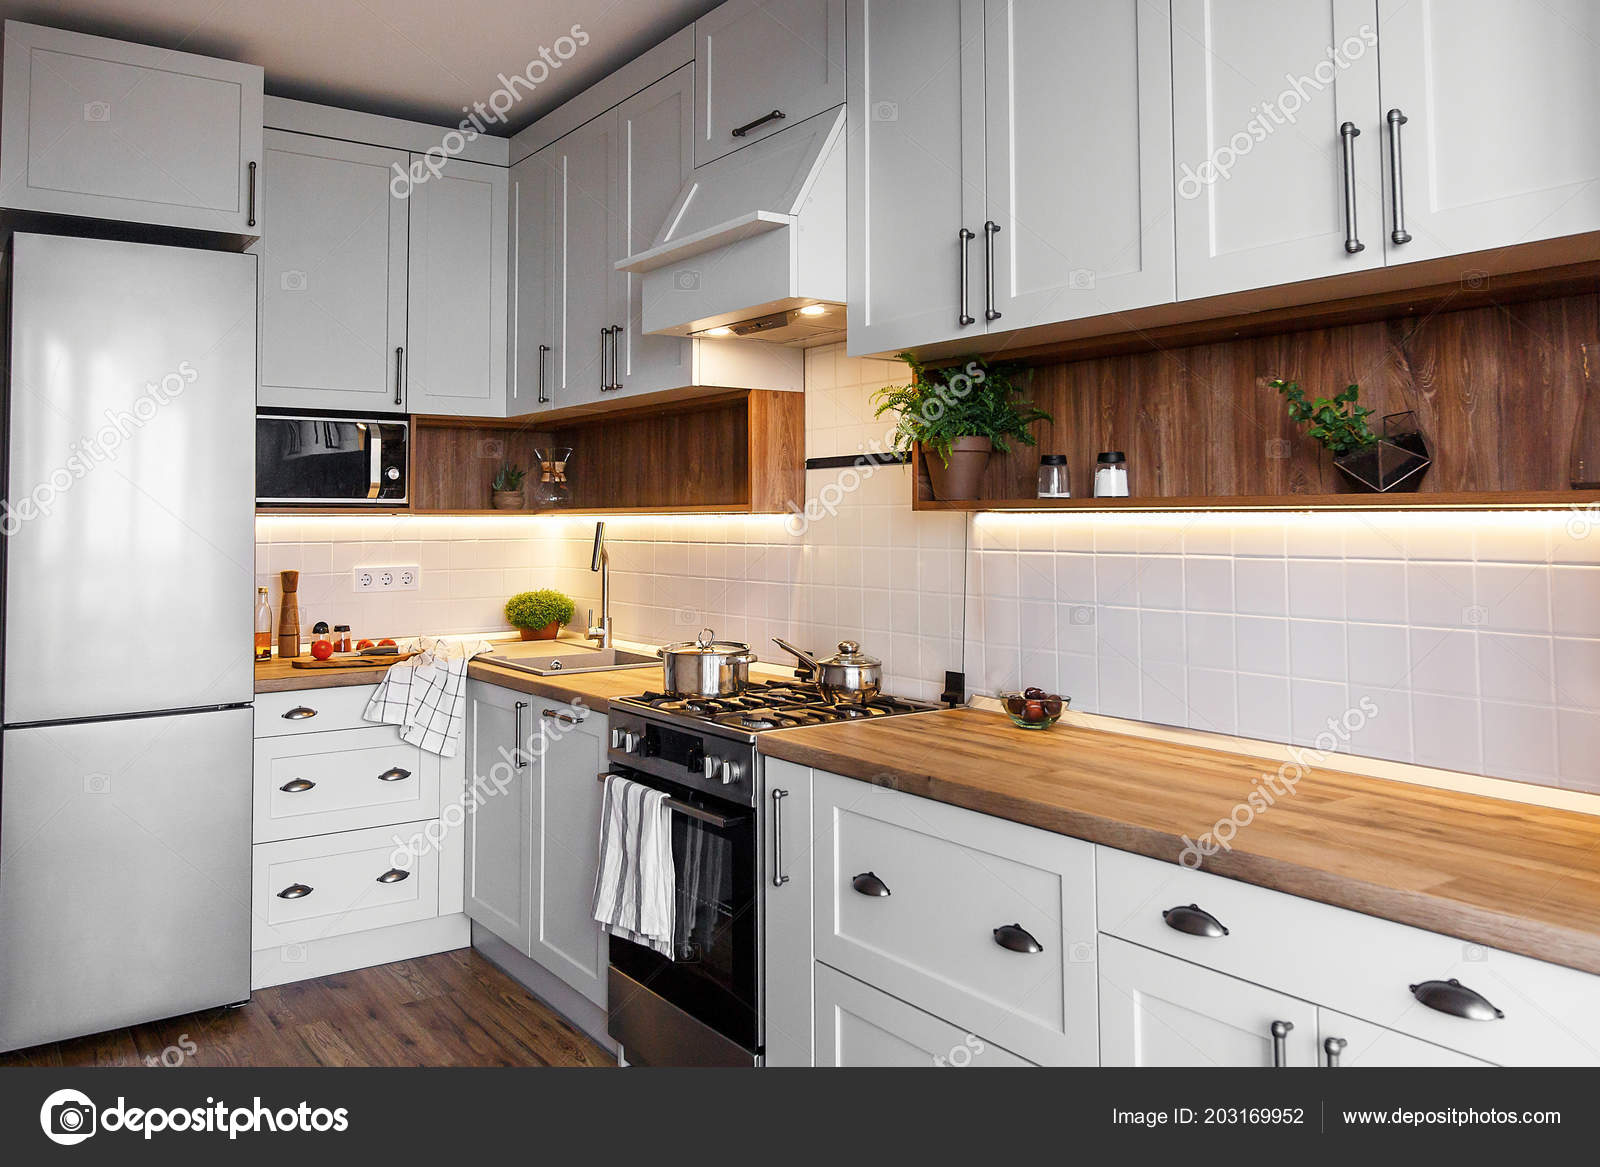 Interni Moderni Cucine : Interni cucina grigio luce elegante con mobili moderni